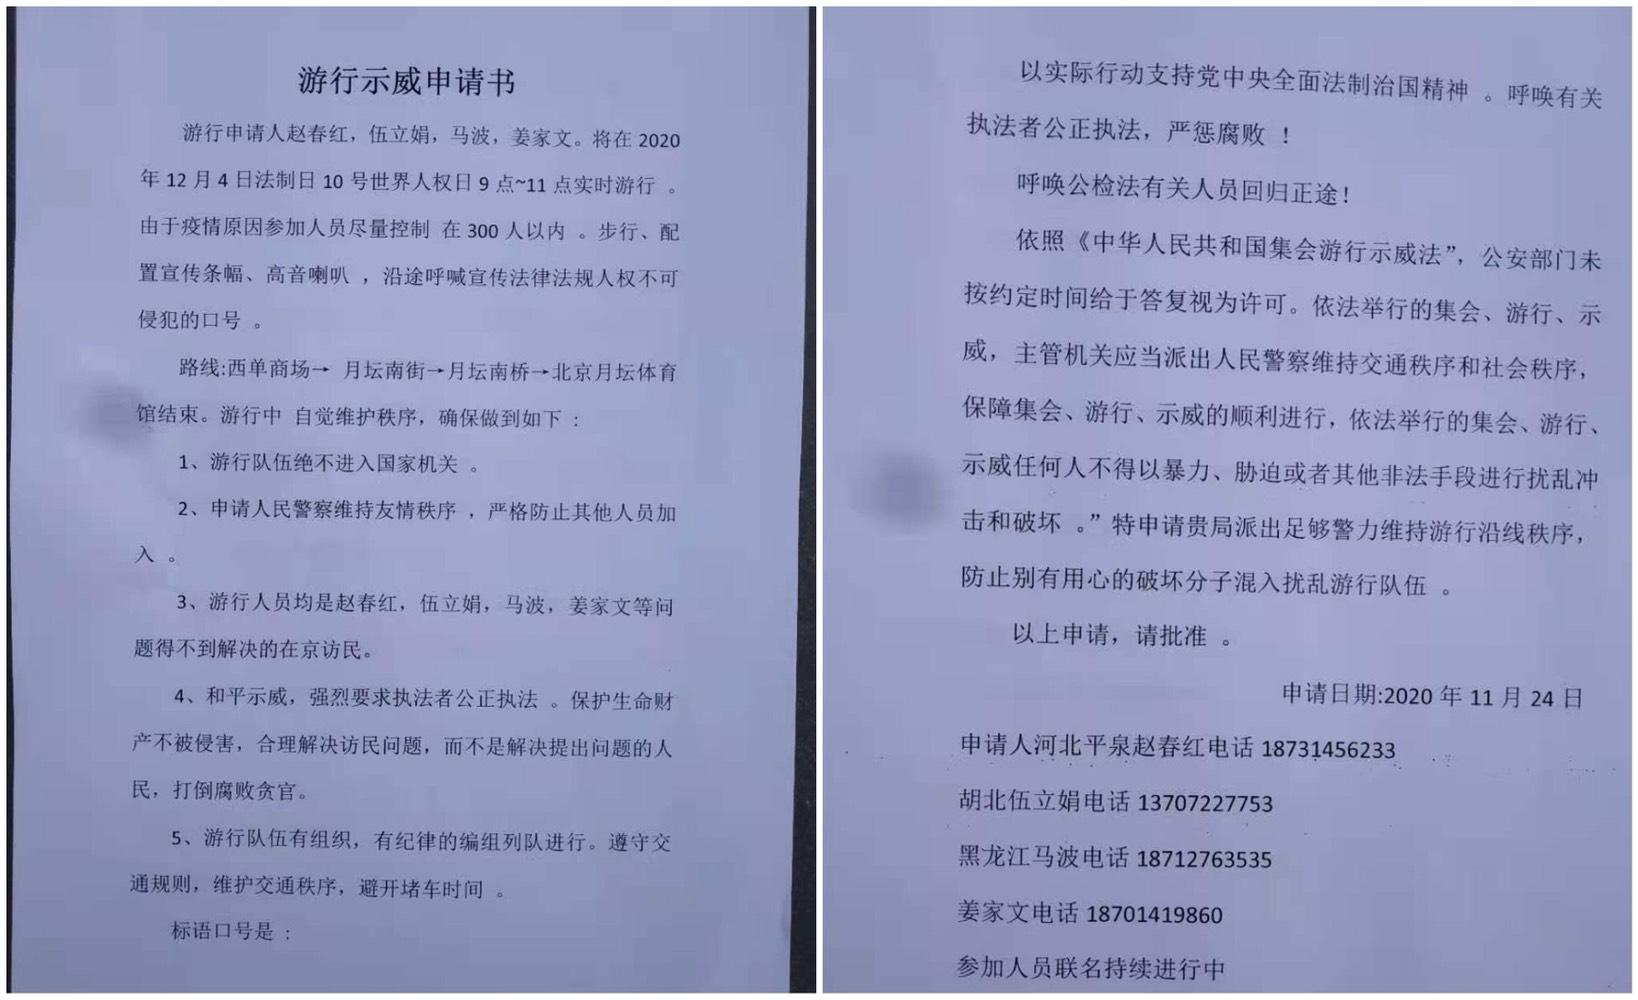 中共法治日前夕,趙春紅、伍立娟、馬波、姜家文等四人向北京當局提出遊行示威申請。(受訪者提供/大紀元合成)